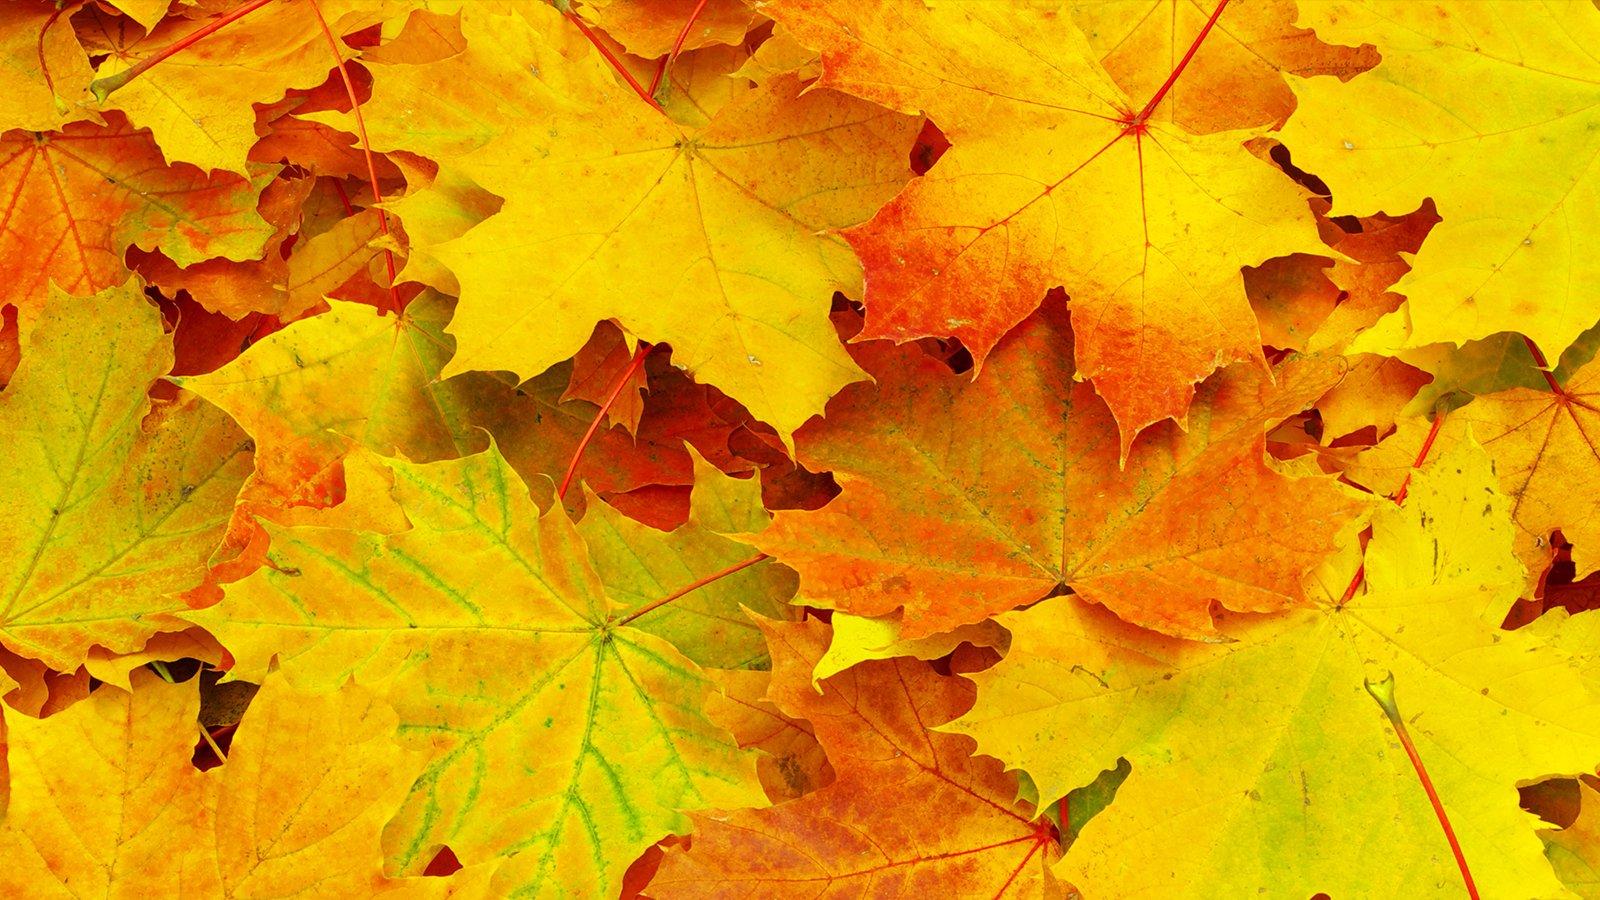 Test din viden om efteråret